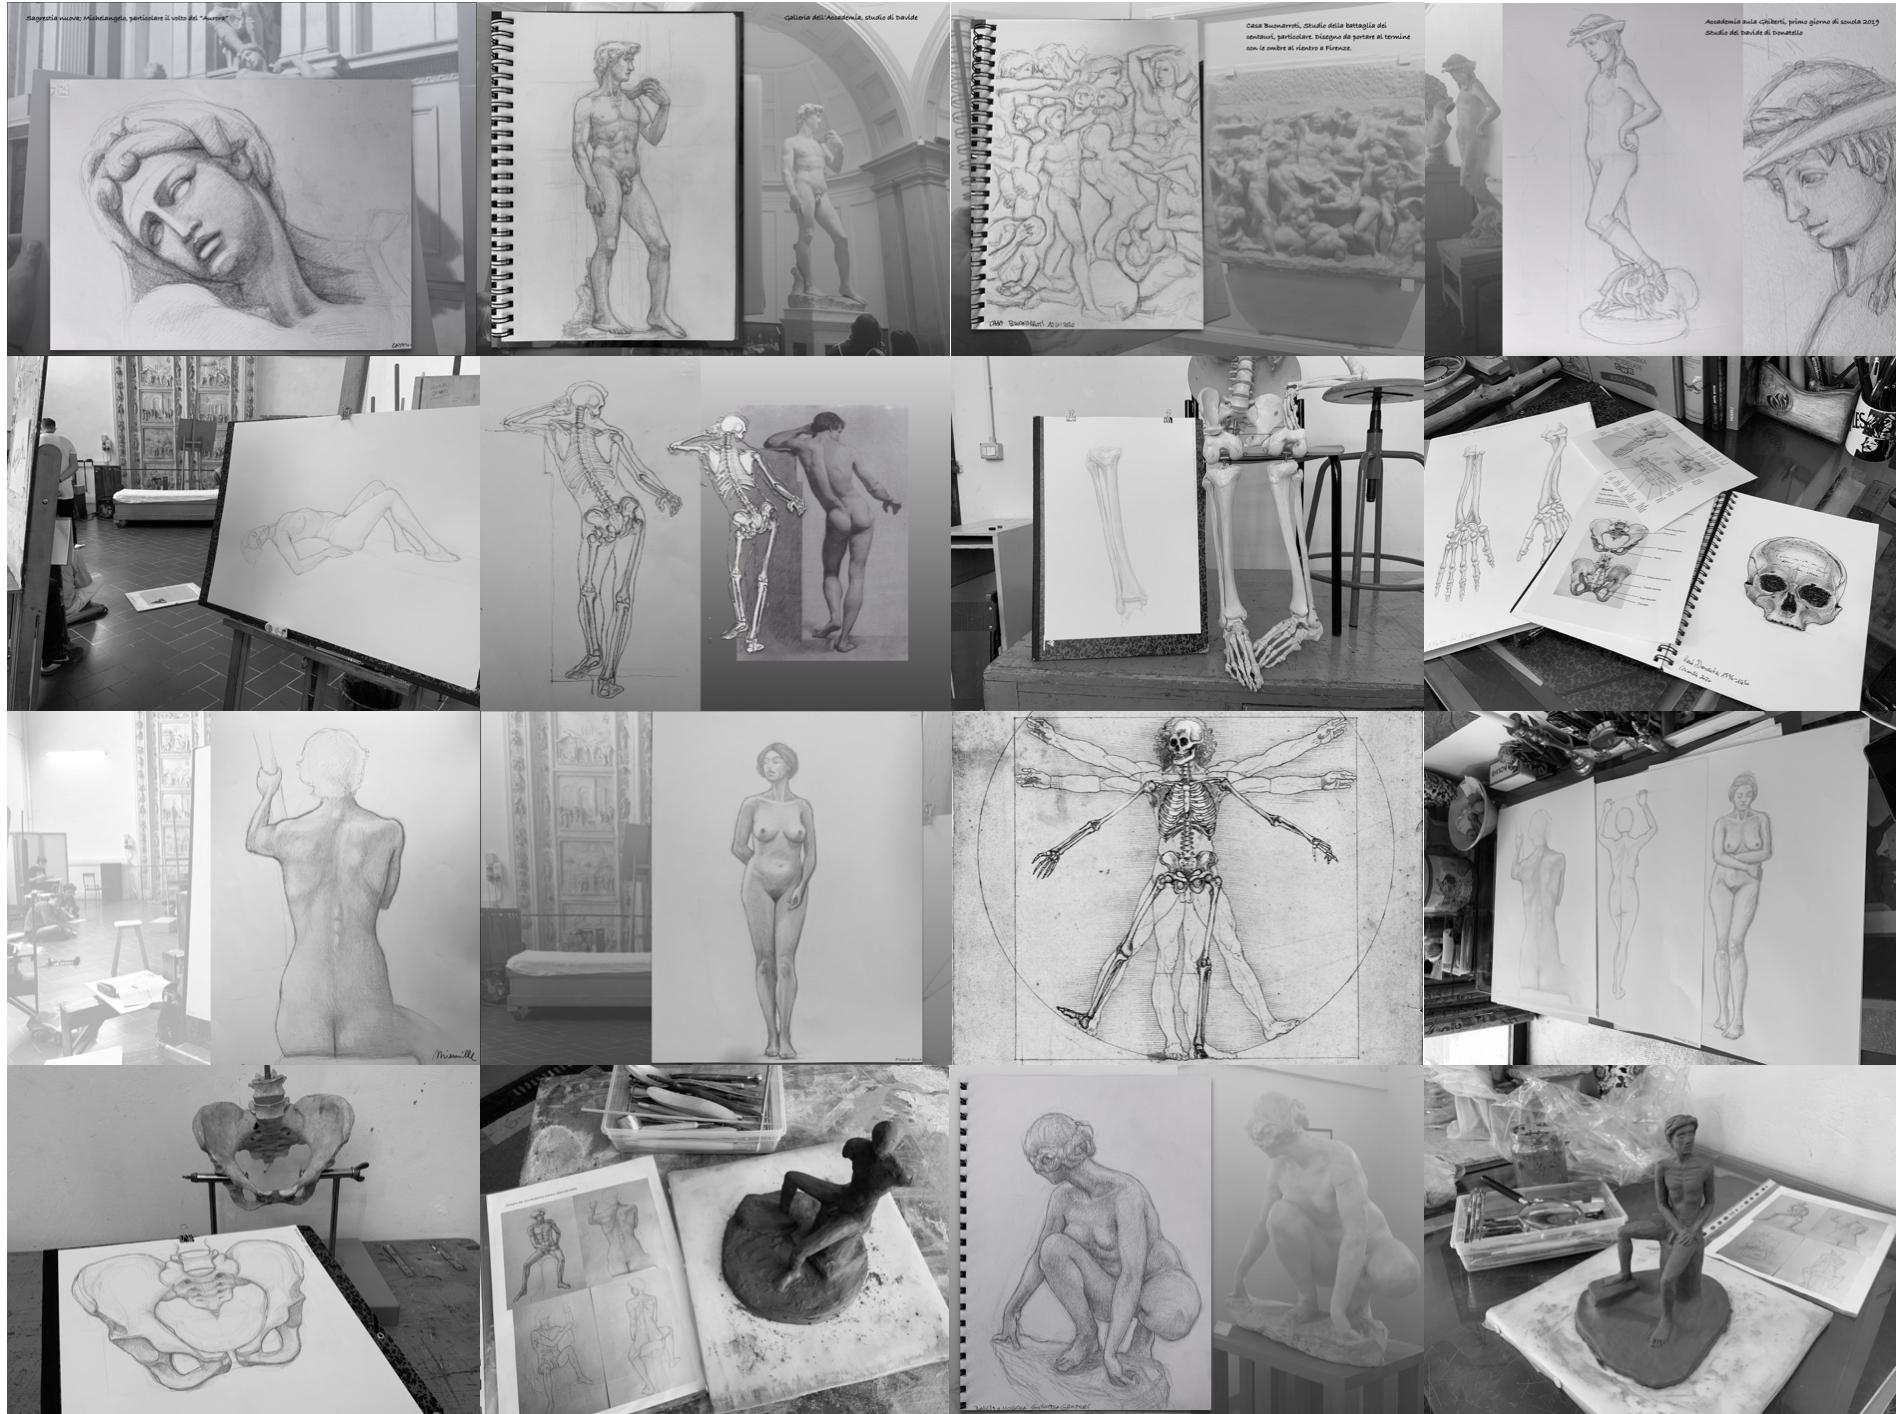 Anatomia artistica 2019-20